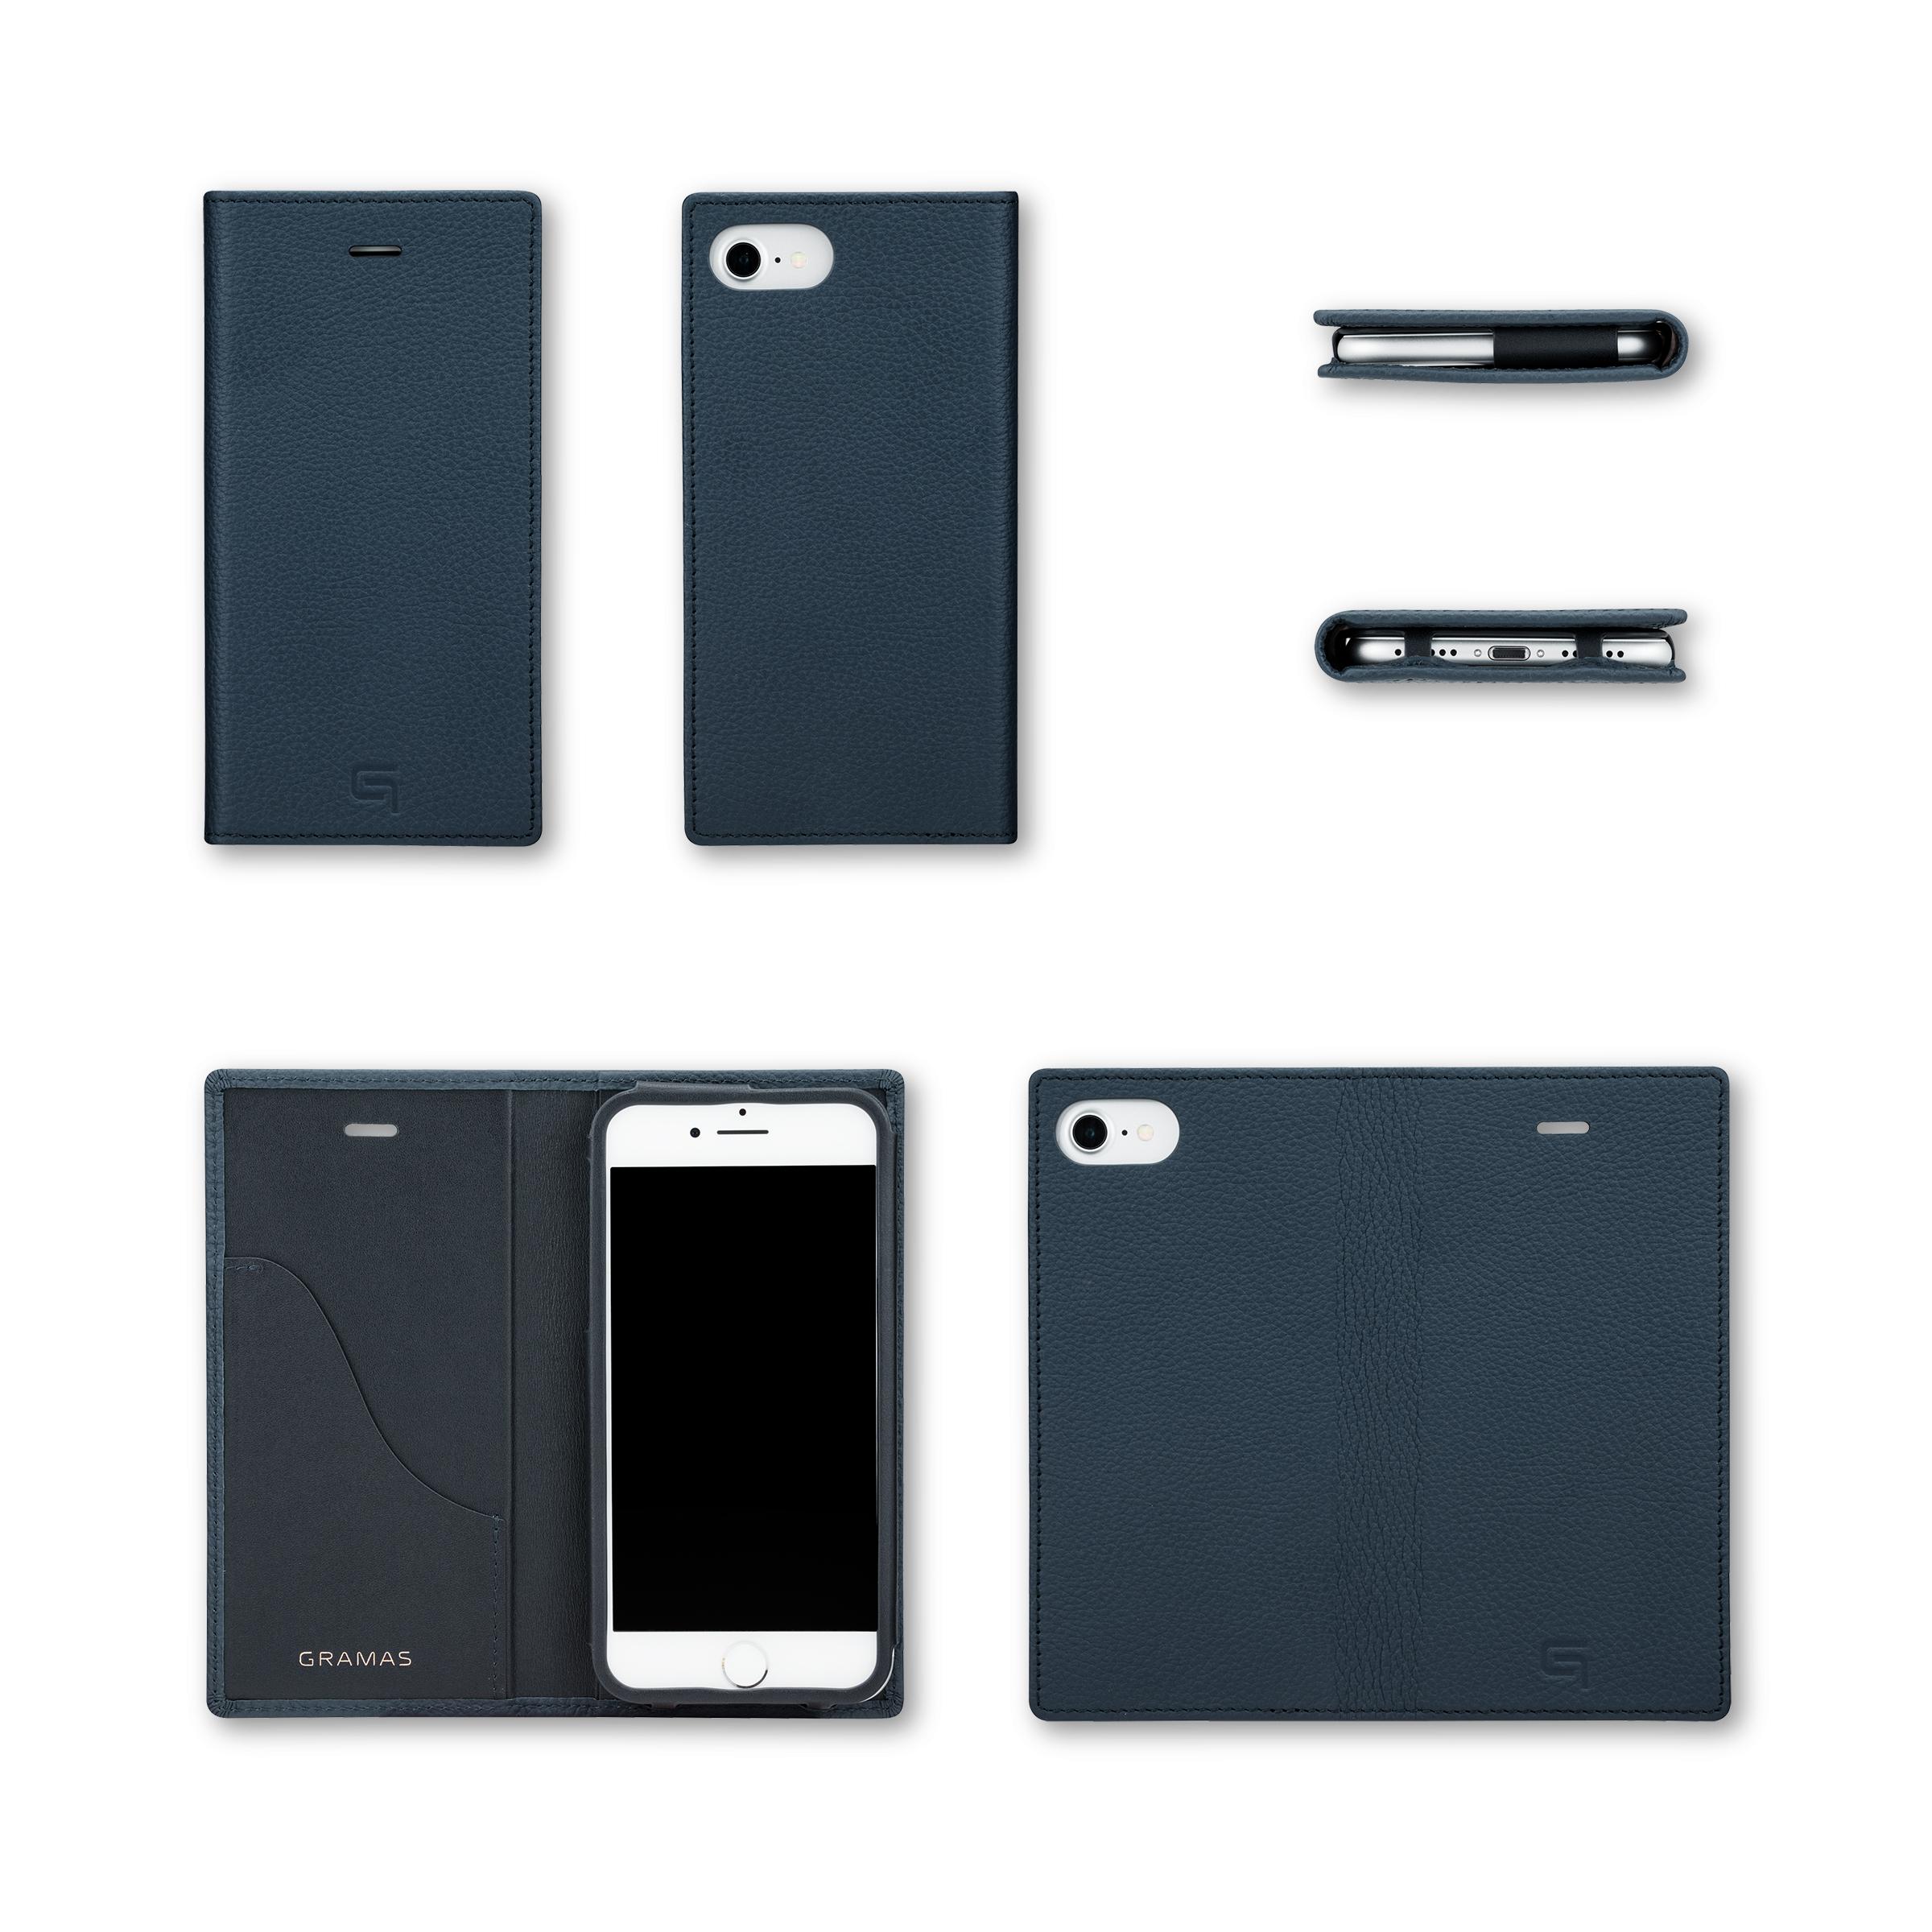 GRAMAS Shrunken-calf Full Leather Case for iPhone 7(Black) シュランケンカーフ 手帳型フルレザーケース GLC646BK - 画像5